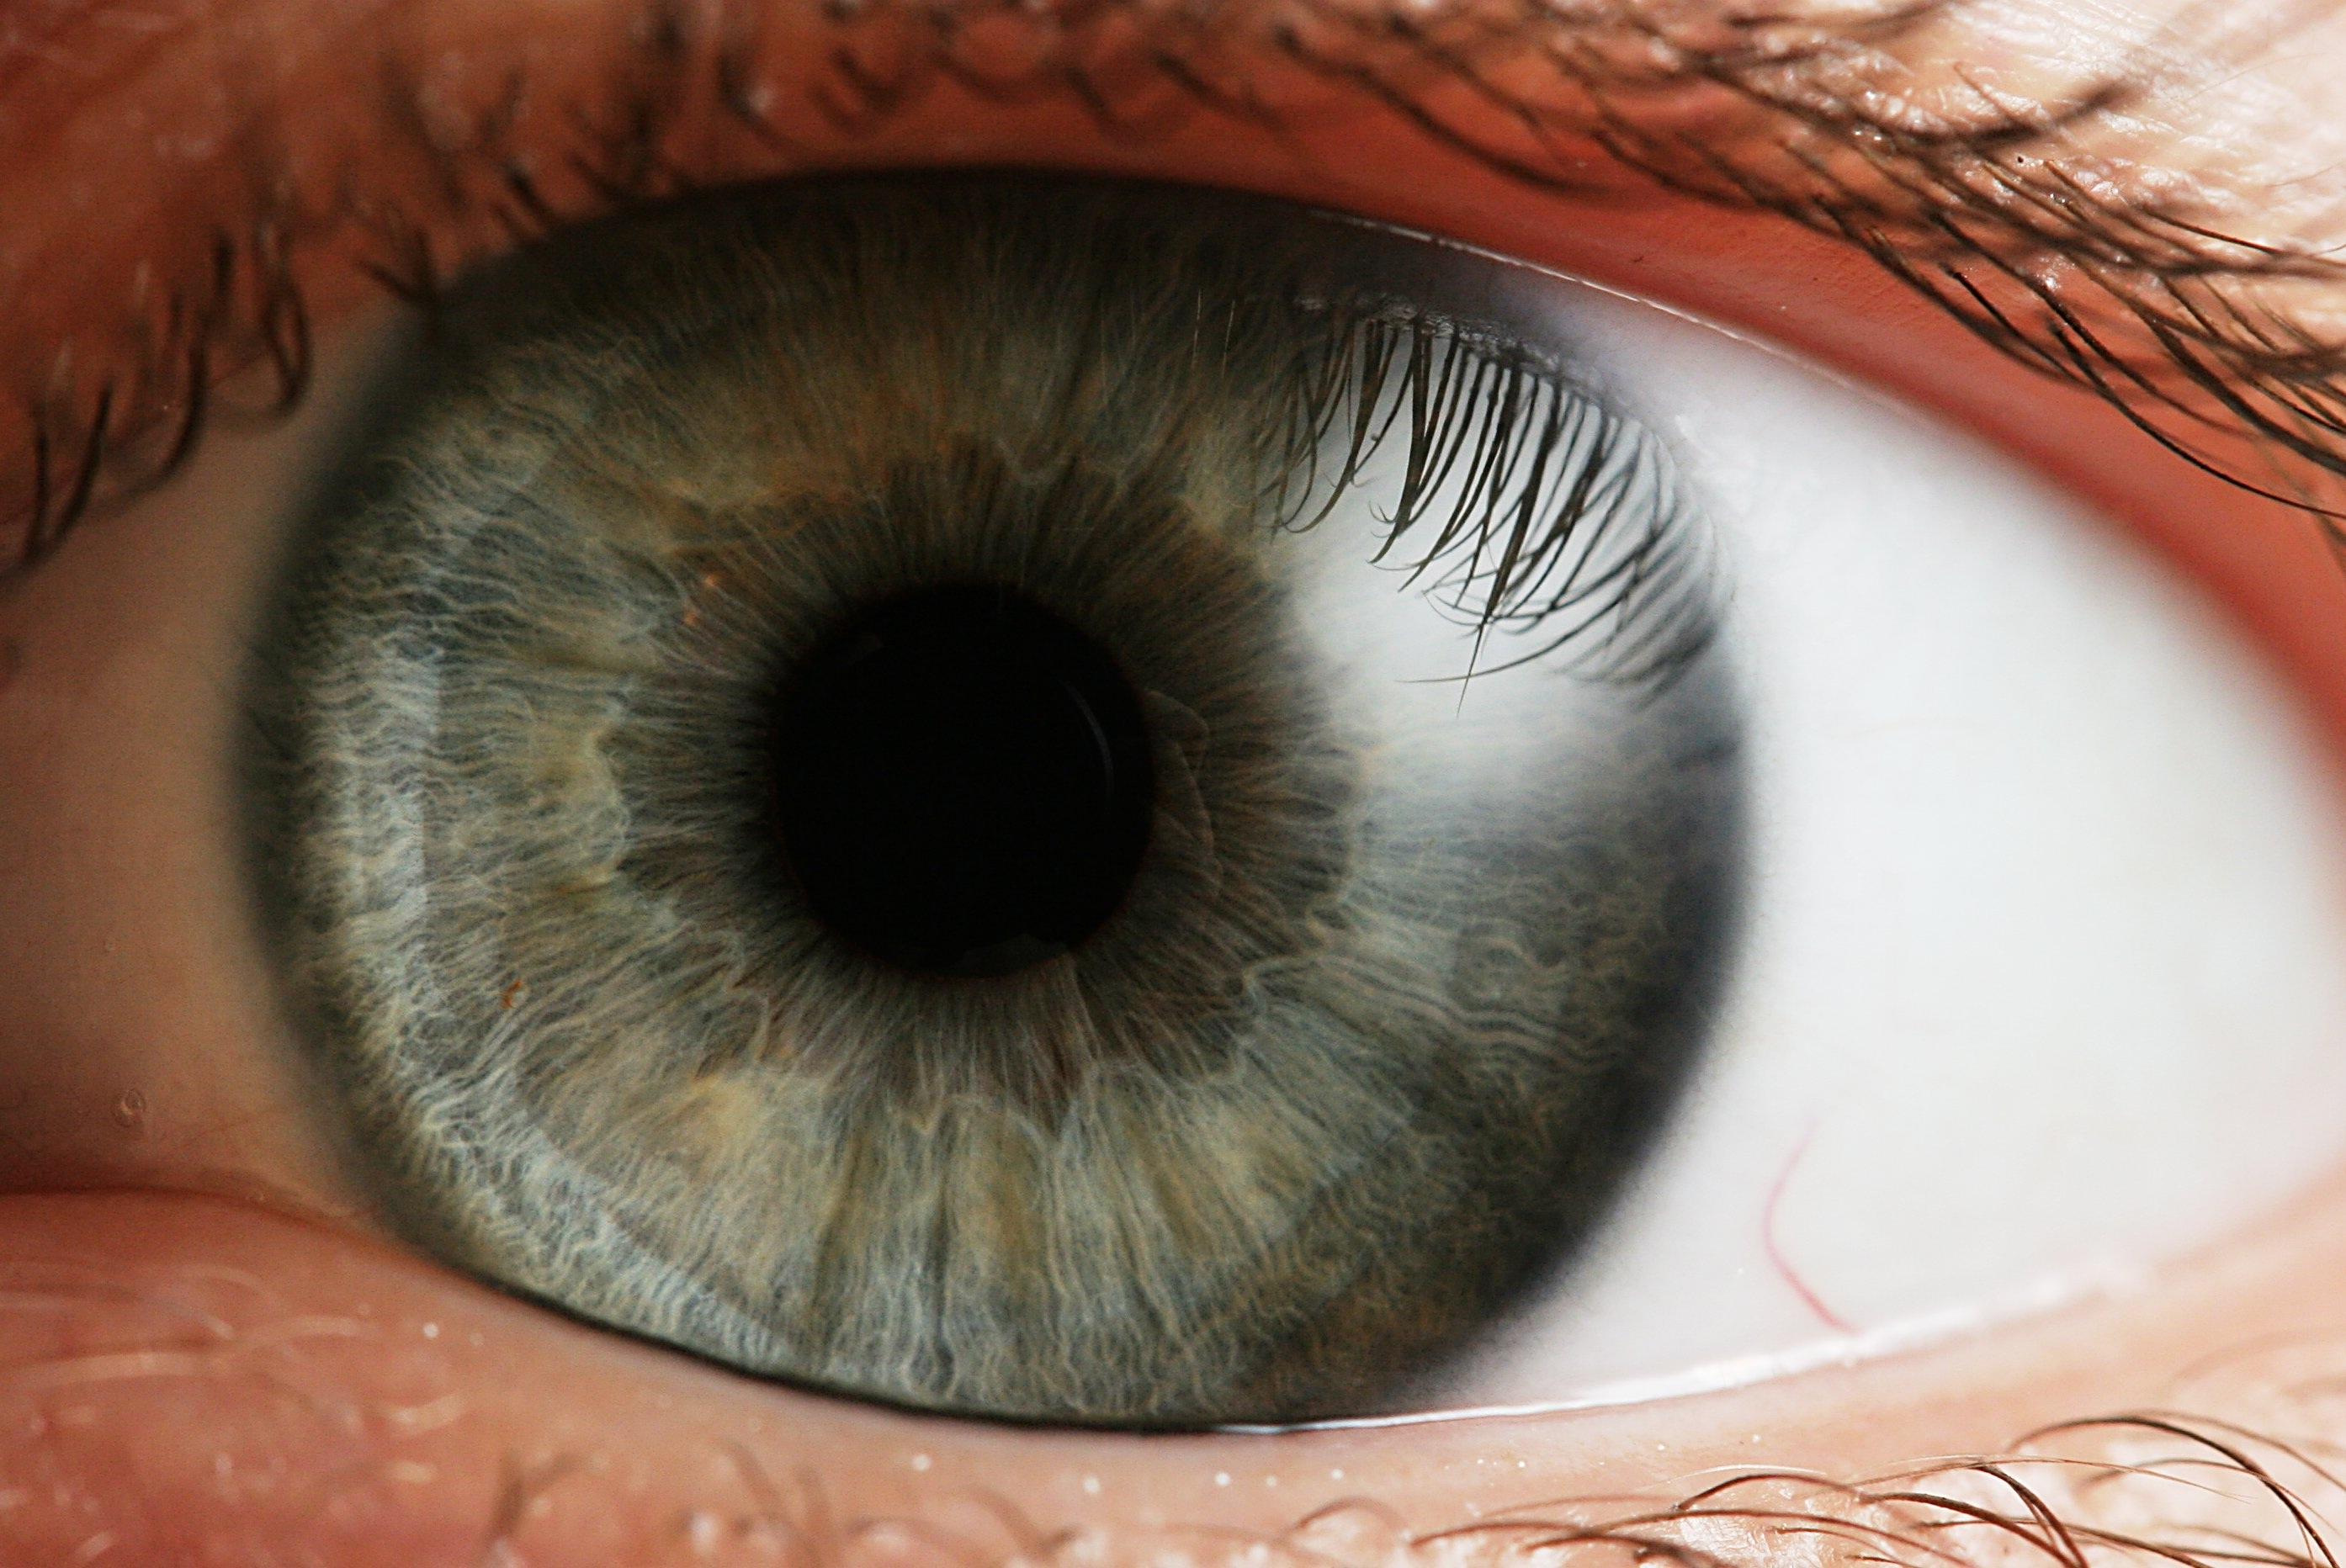 Problemas de retina derivados de la actividad deportiva